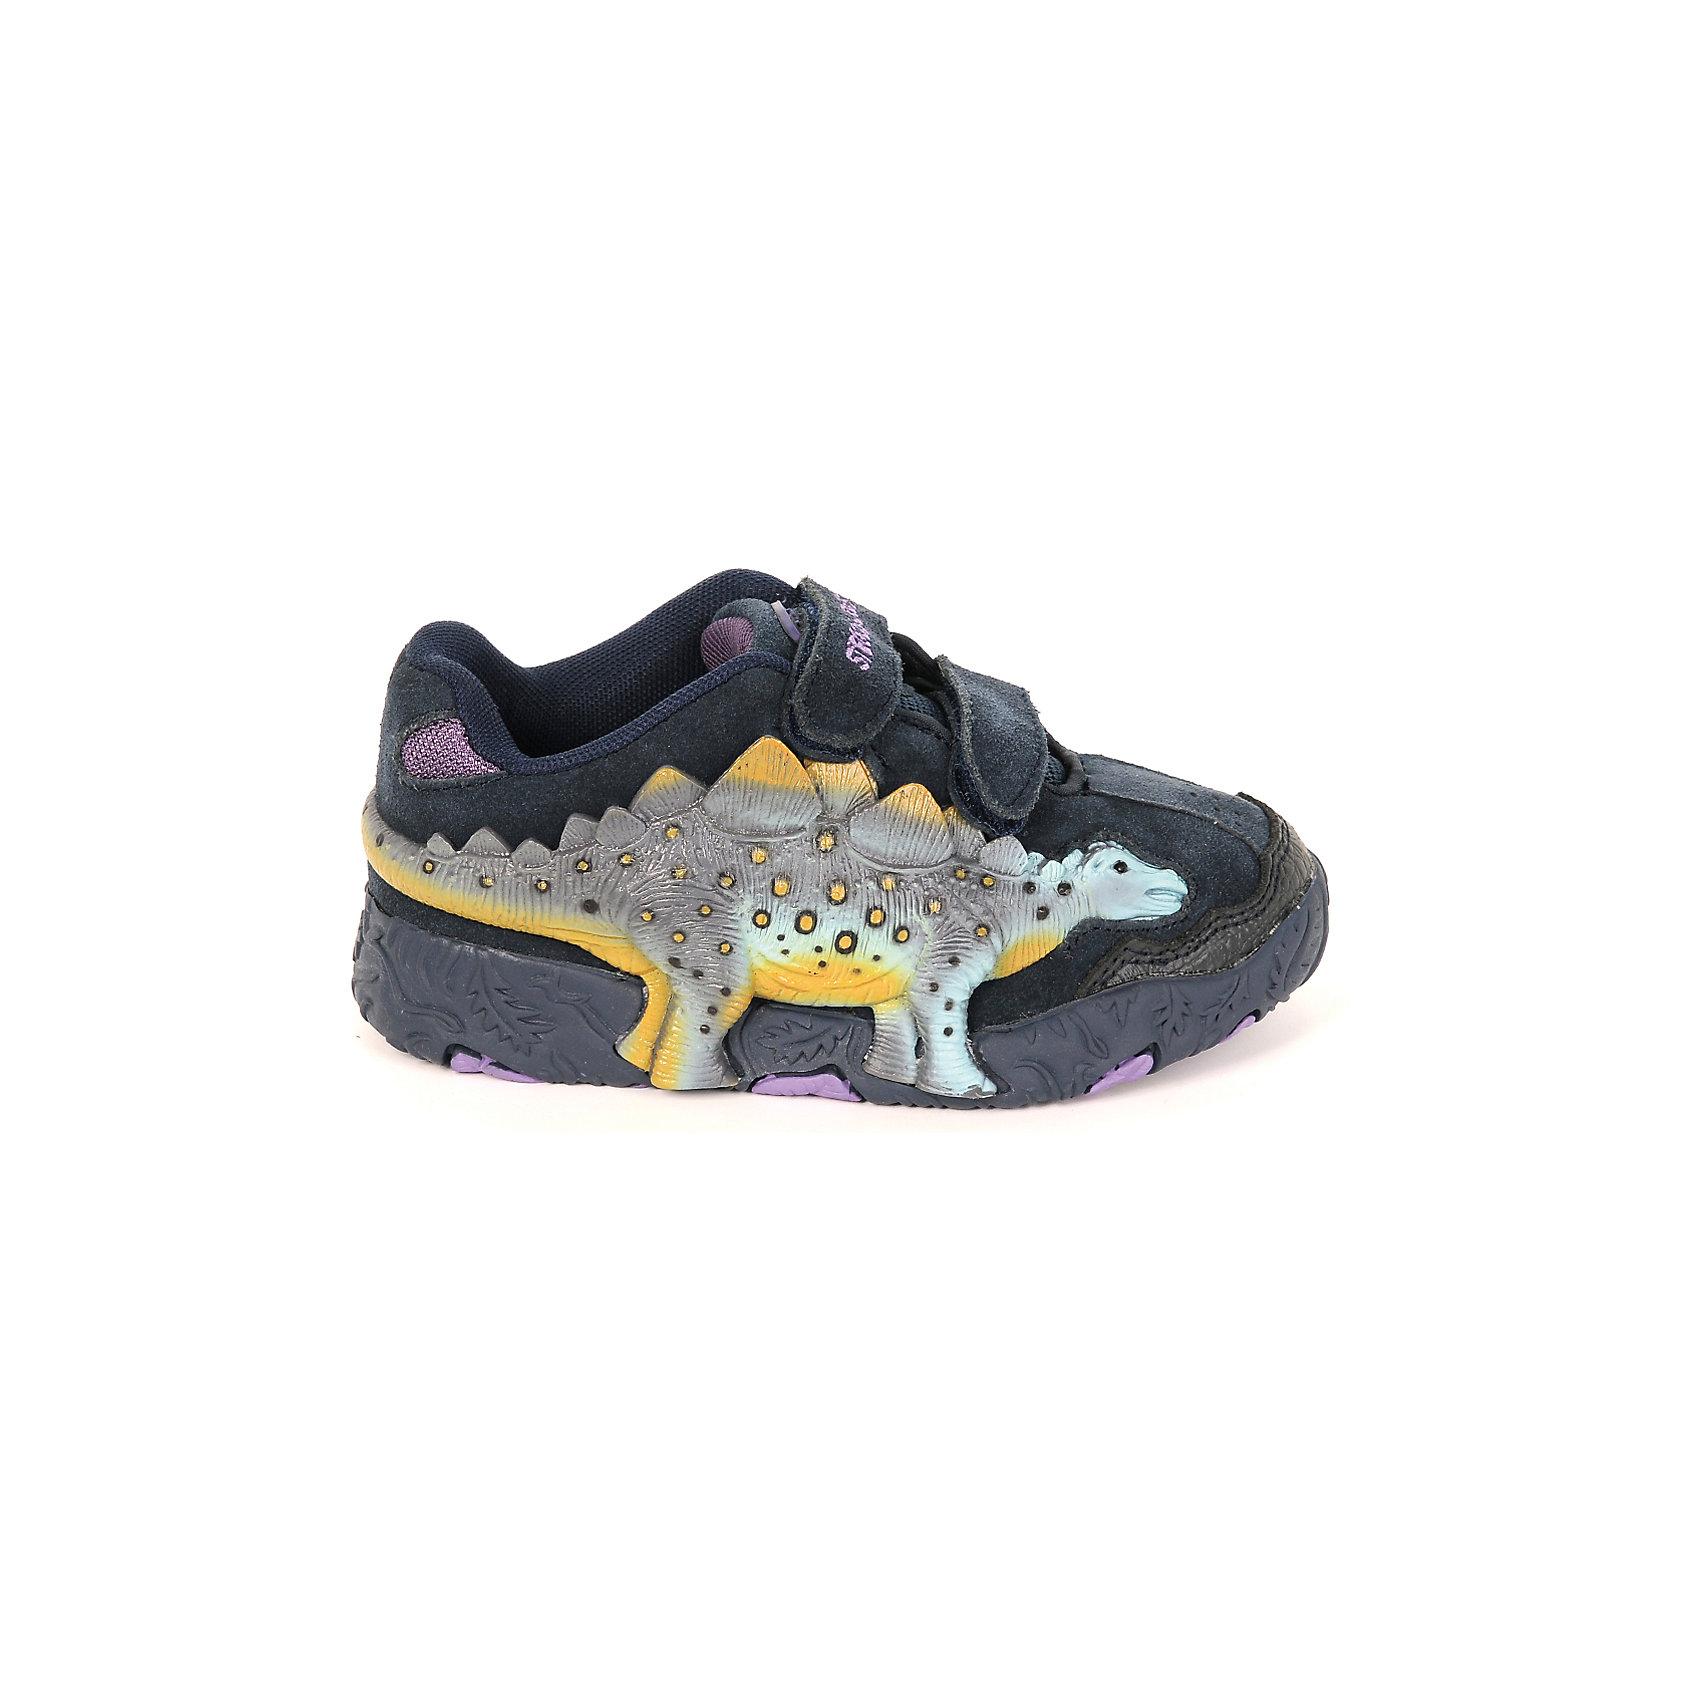 Ботинки для мальчика DinosolesБотинки<br>Ботинки для мальчика Dinosoles<br><br>Состав верх: нат. кожа/замша, подклад: текстиль, подошва: резина<br><br> Dinosoles - единственная в мире детcкая обувь с трехмерным изображением динозавров. Натуральные материалы, отобранные коллекции, 3D дизайн, горящие глаза, фирменная подошва, оставляющая след динозавра, приводят всех в восторг! Dinosoles - Динозавры возвращаются. The USA.<br><br>Cтрана бренда: США <br>Размер обуви производителя  US : US 10<br>Длина по стельке в мм: 175<br><br>Ширина мм: 262<br>Глубина мм: 176<br>Высота мм: 97<br>Вес г: 427<br>Цвет: синий<br>Возраст от месяцев: 36<br>Возраст до месяцев: 48<br>Пол: Мужской<br>Возраст: Детский<br>Размер: 27,33,32,31,30,29,28<br>SKU: 7030327